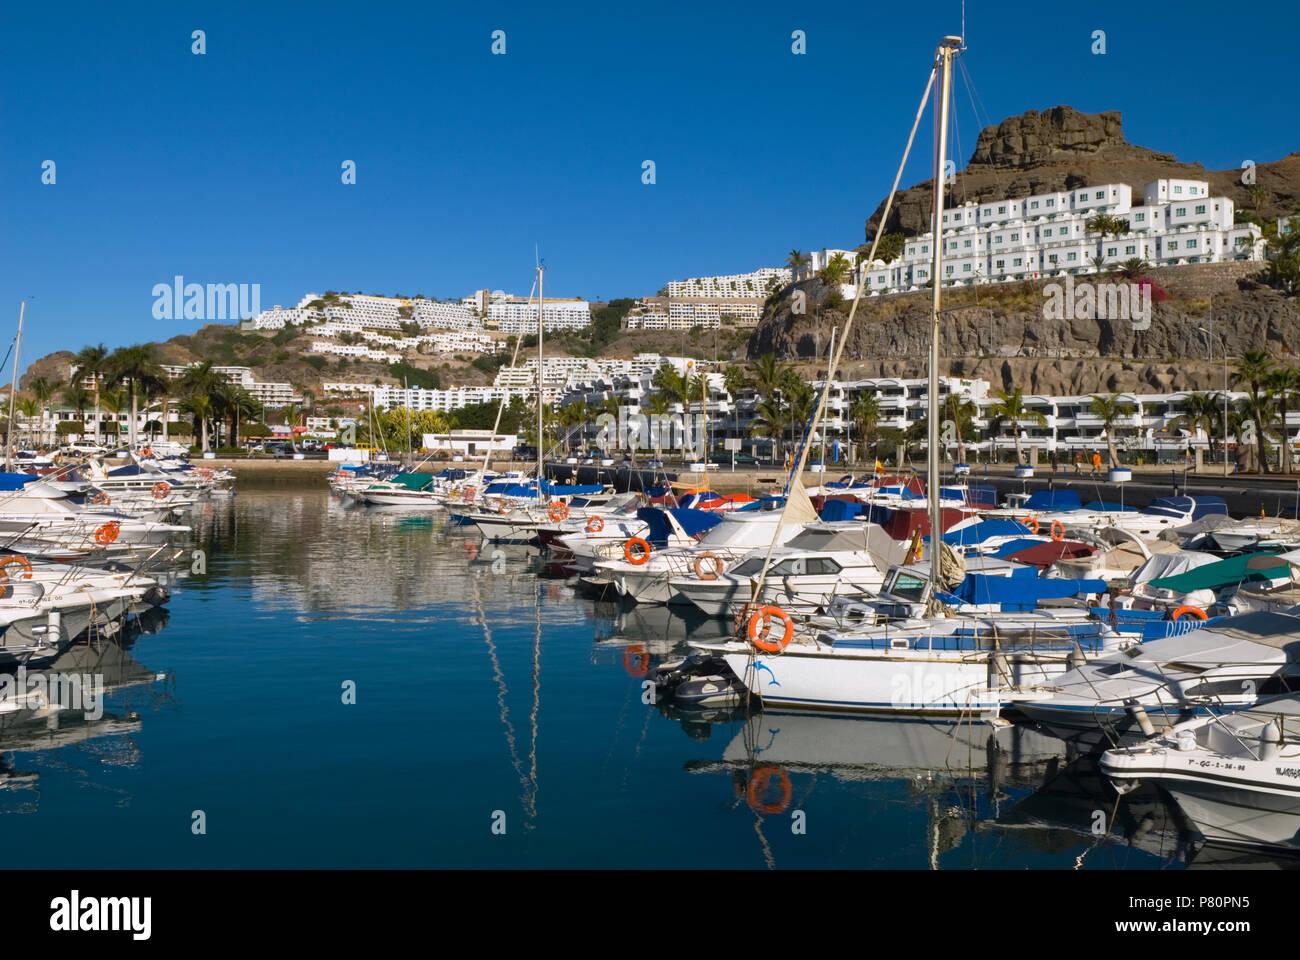 Spanien - Kanarische Inseln - Gran Canaria - Puerto Rico - Blick auf die MarinaStockfoto